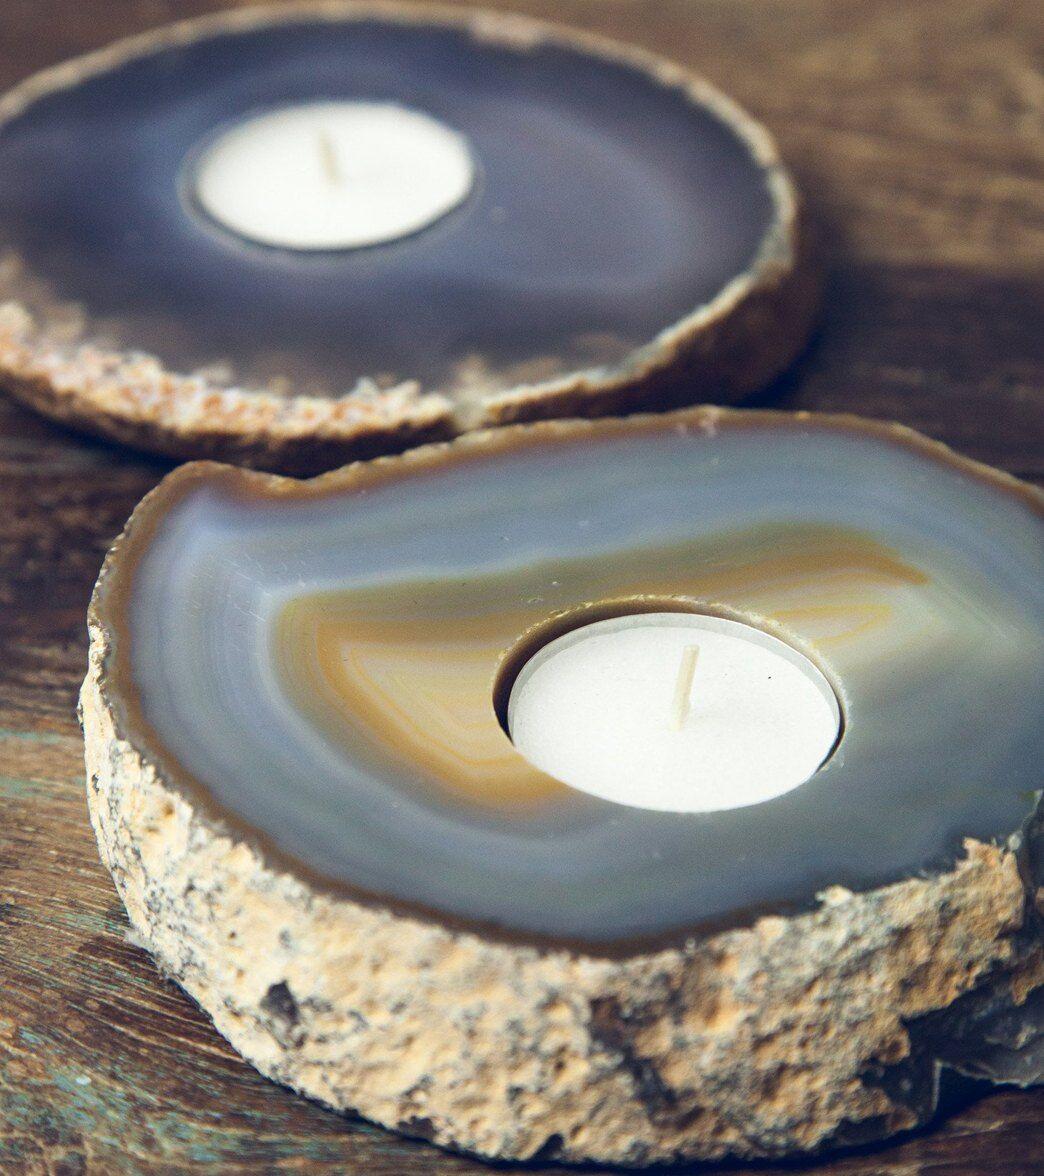 SoulMakes Agate Slab Candle Holder Natural Crystal